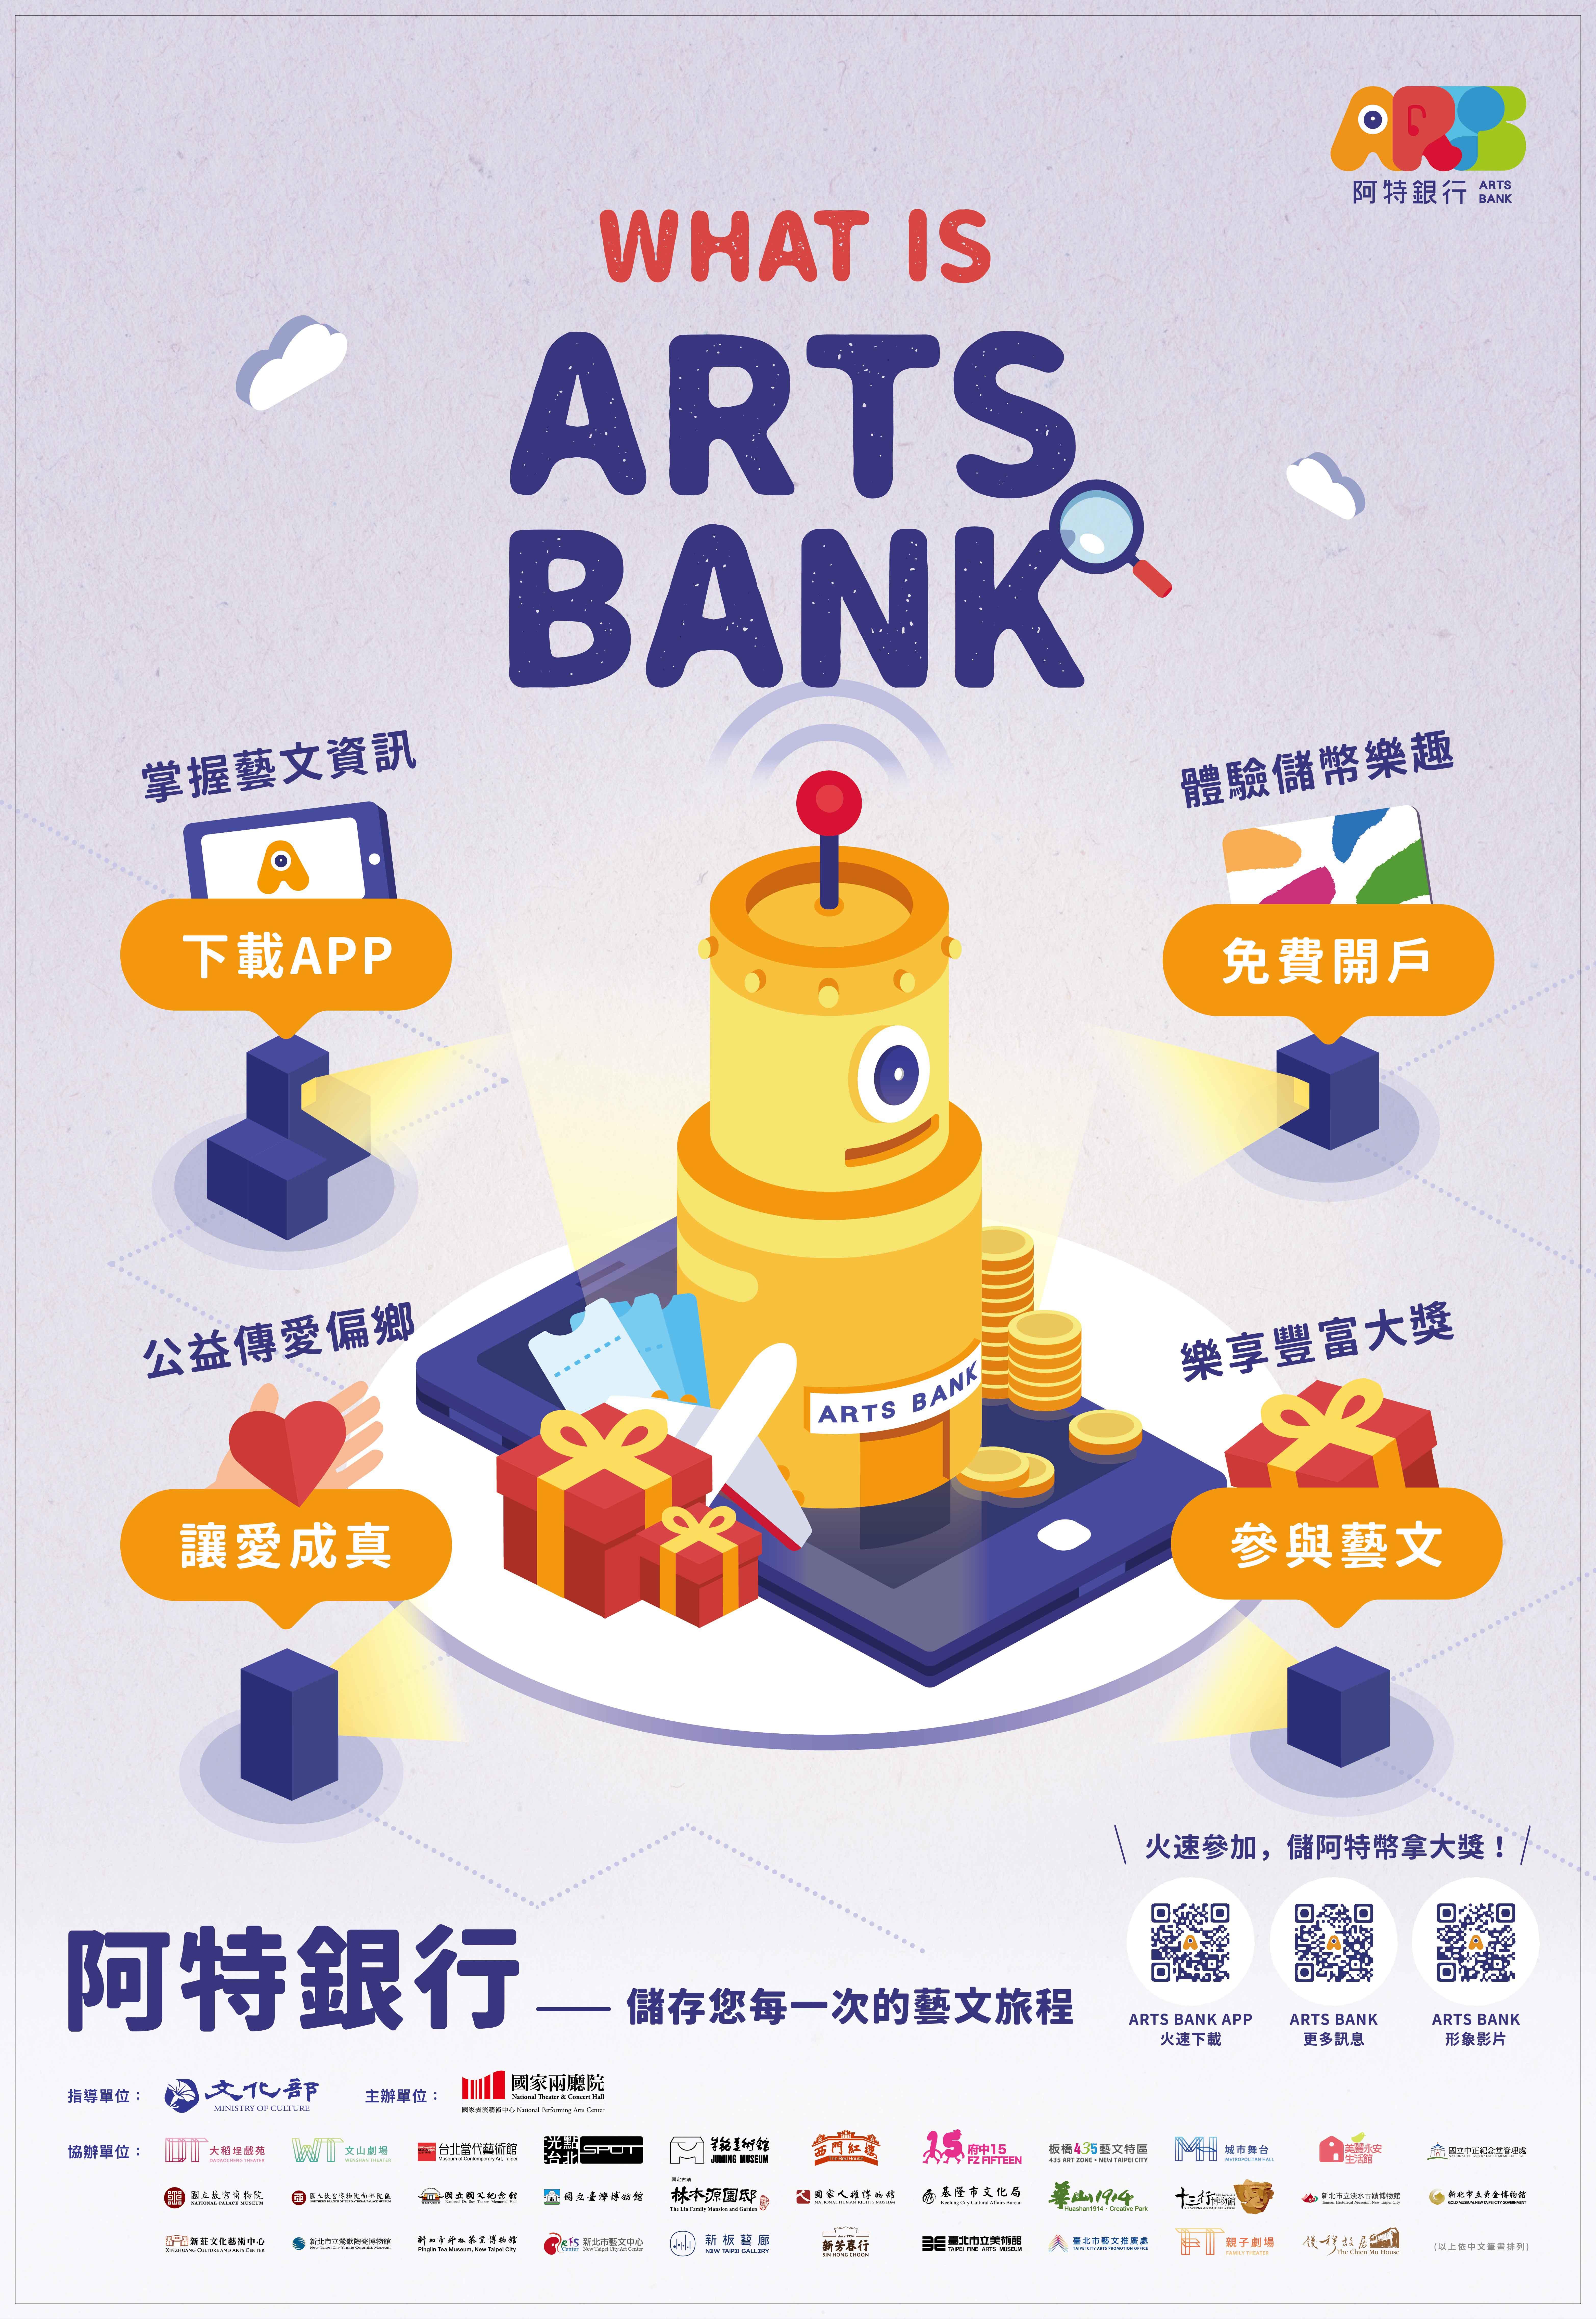 「阿特銀行 Arts Bank」儲存你的藝文旅程 豐富你的藝趣人生